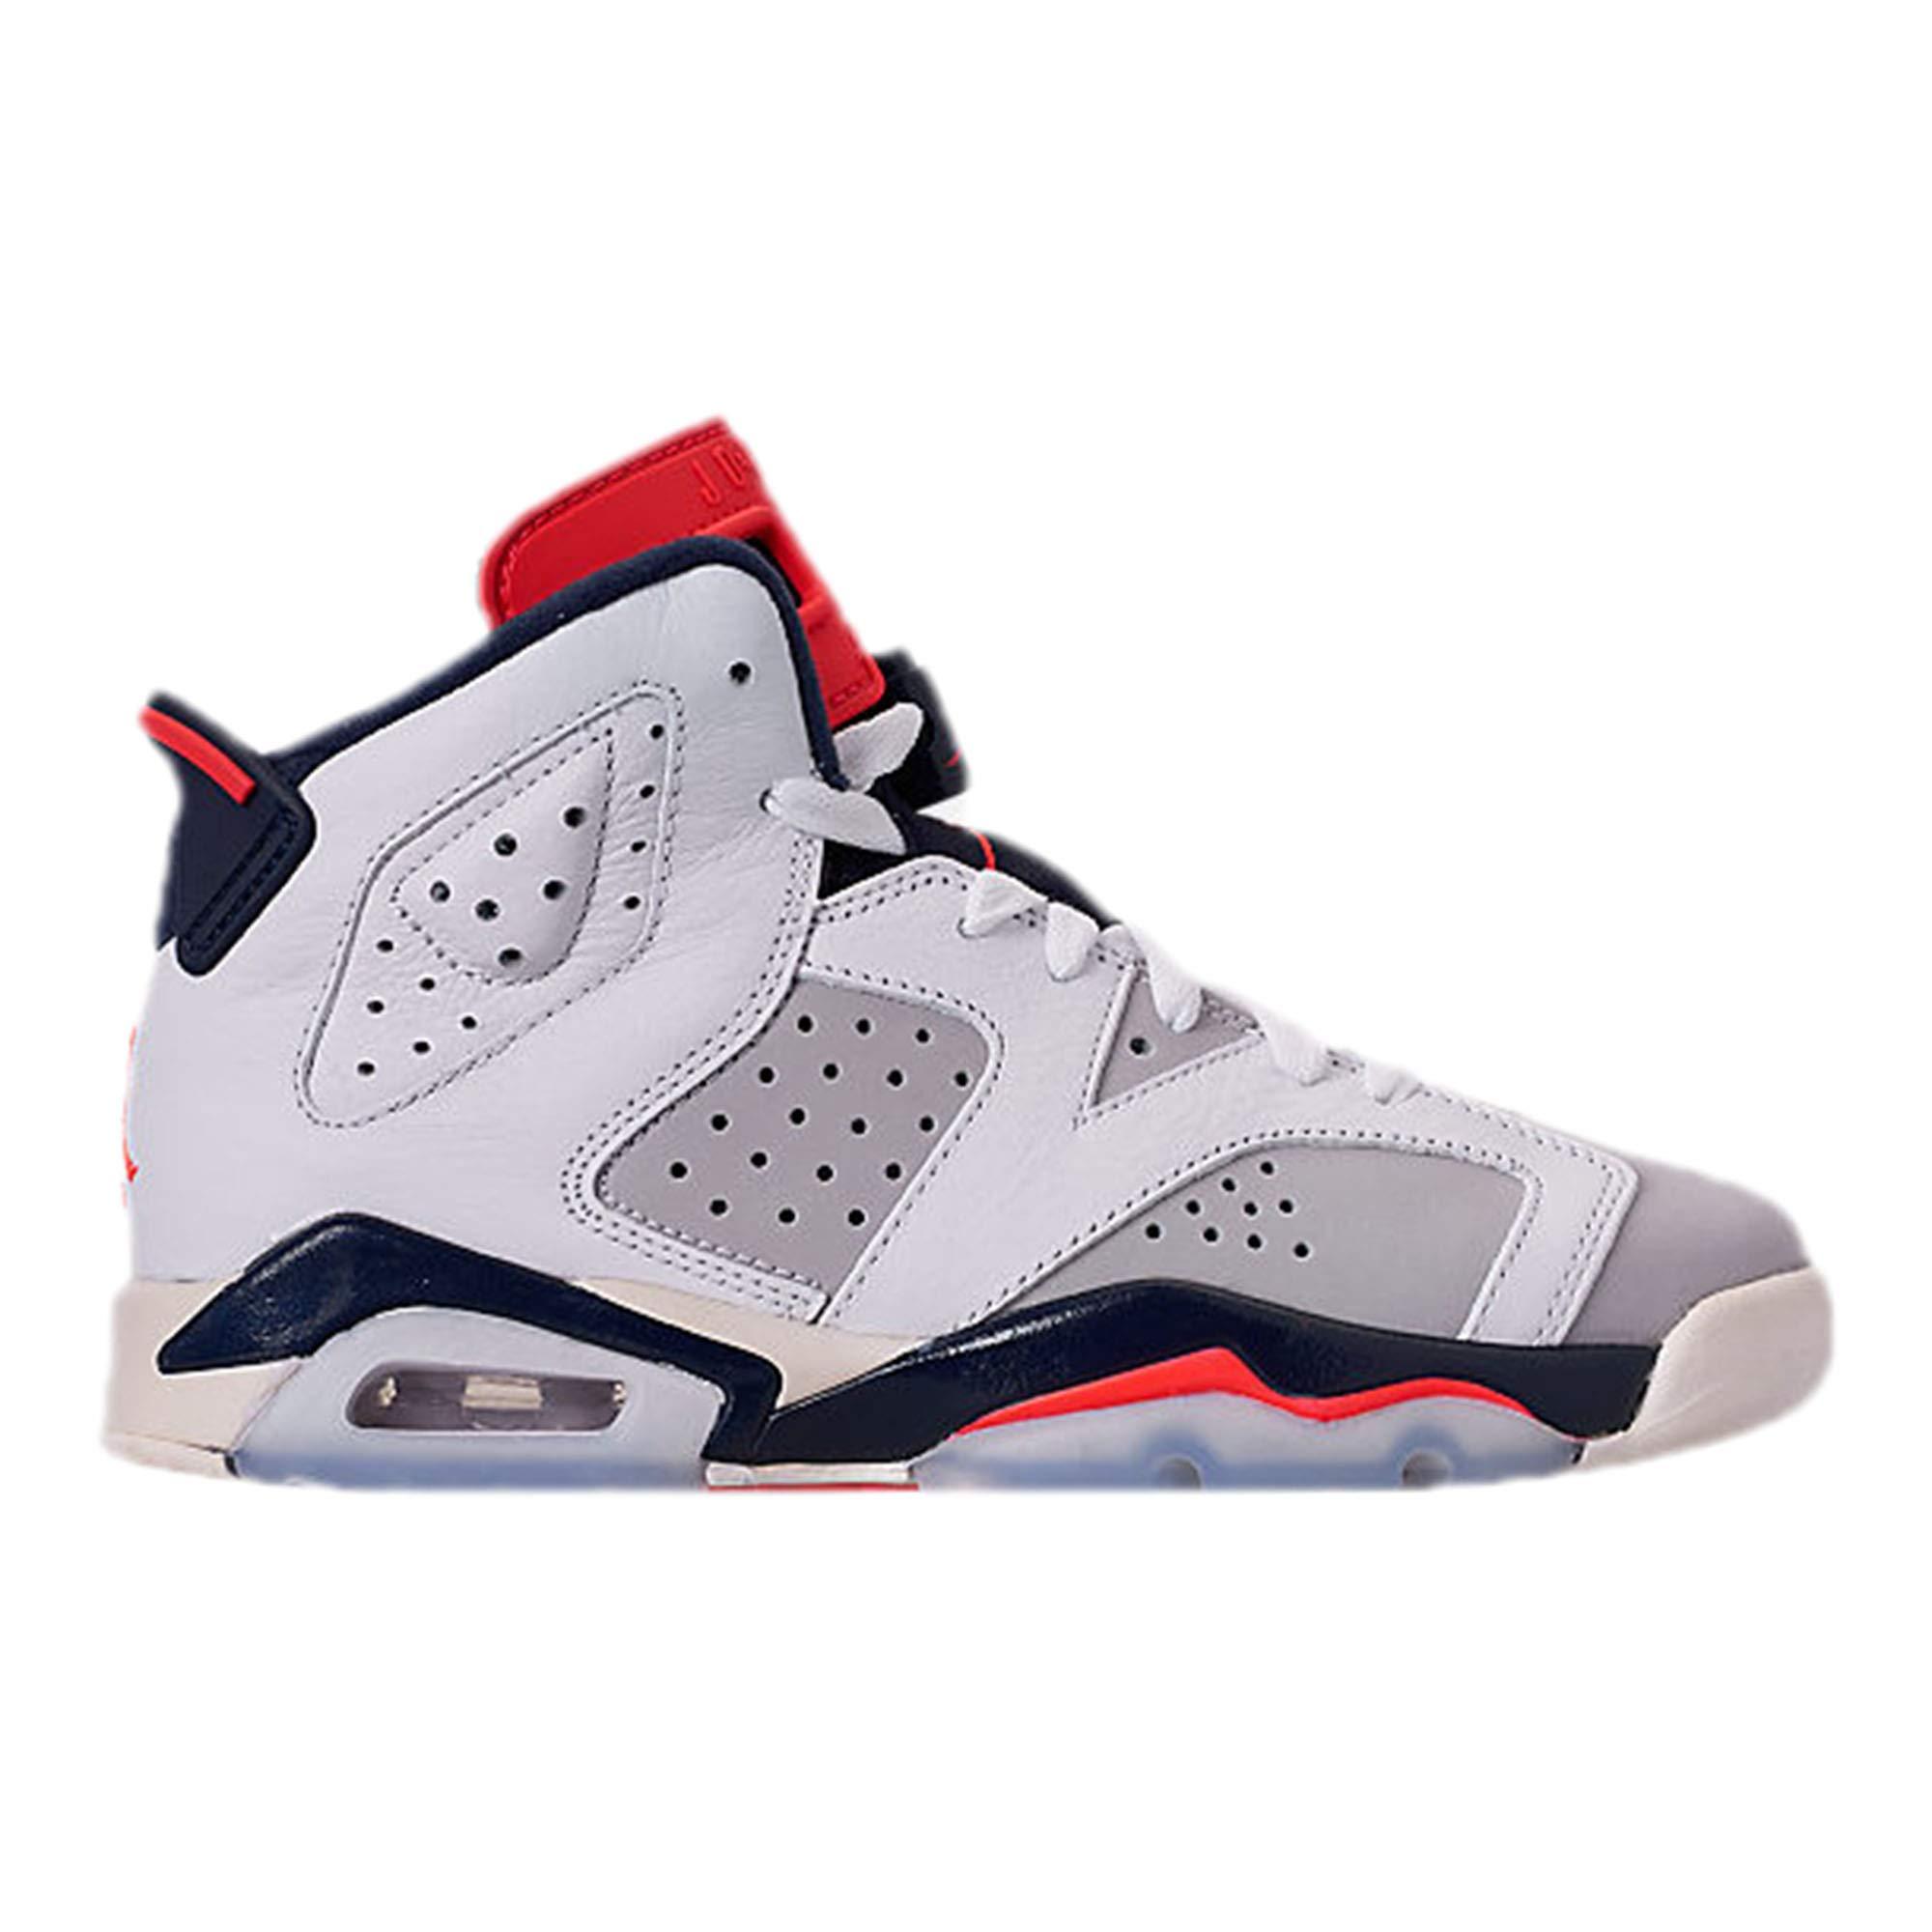 b60207f76fcb Galleon - Jordan Air 6 Retro (gs) Big Kids 384665-104 Size 5